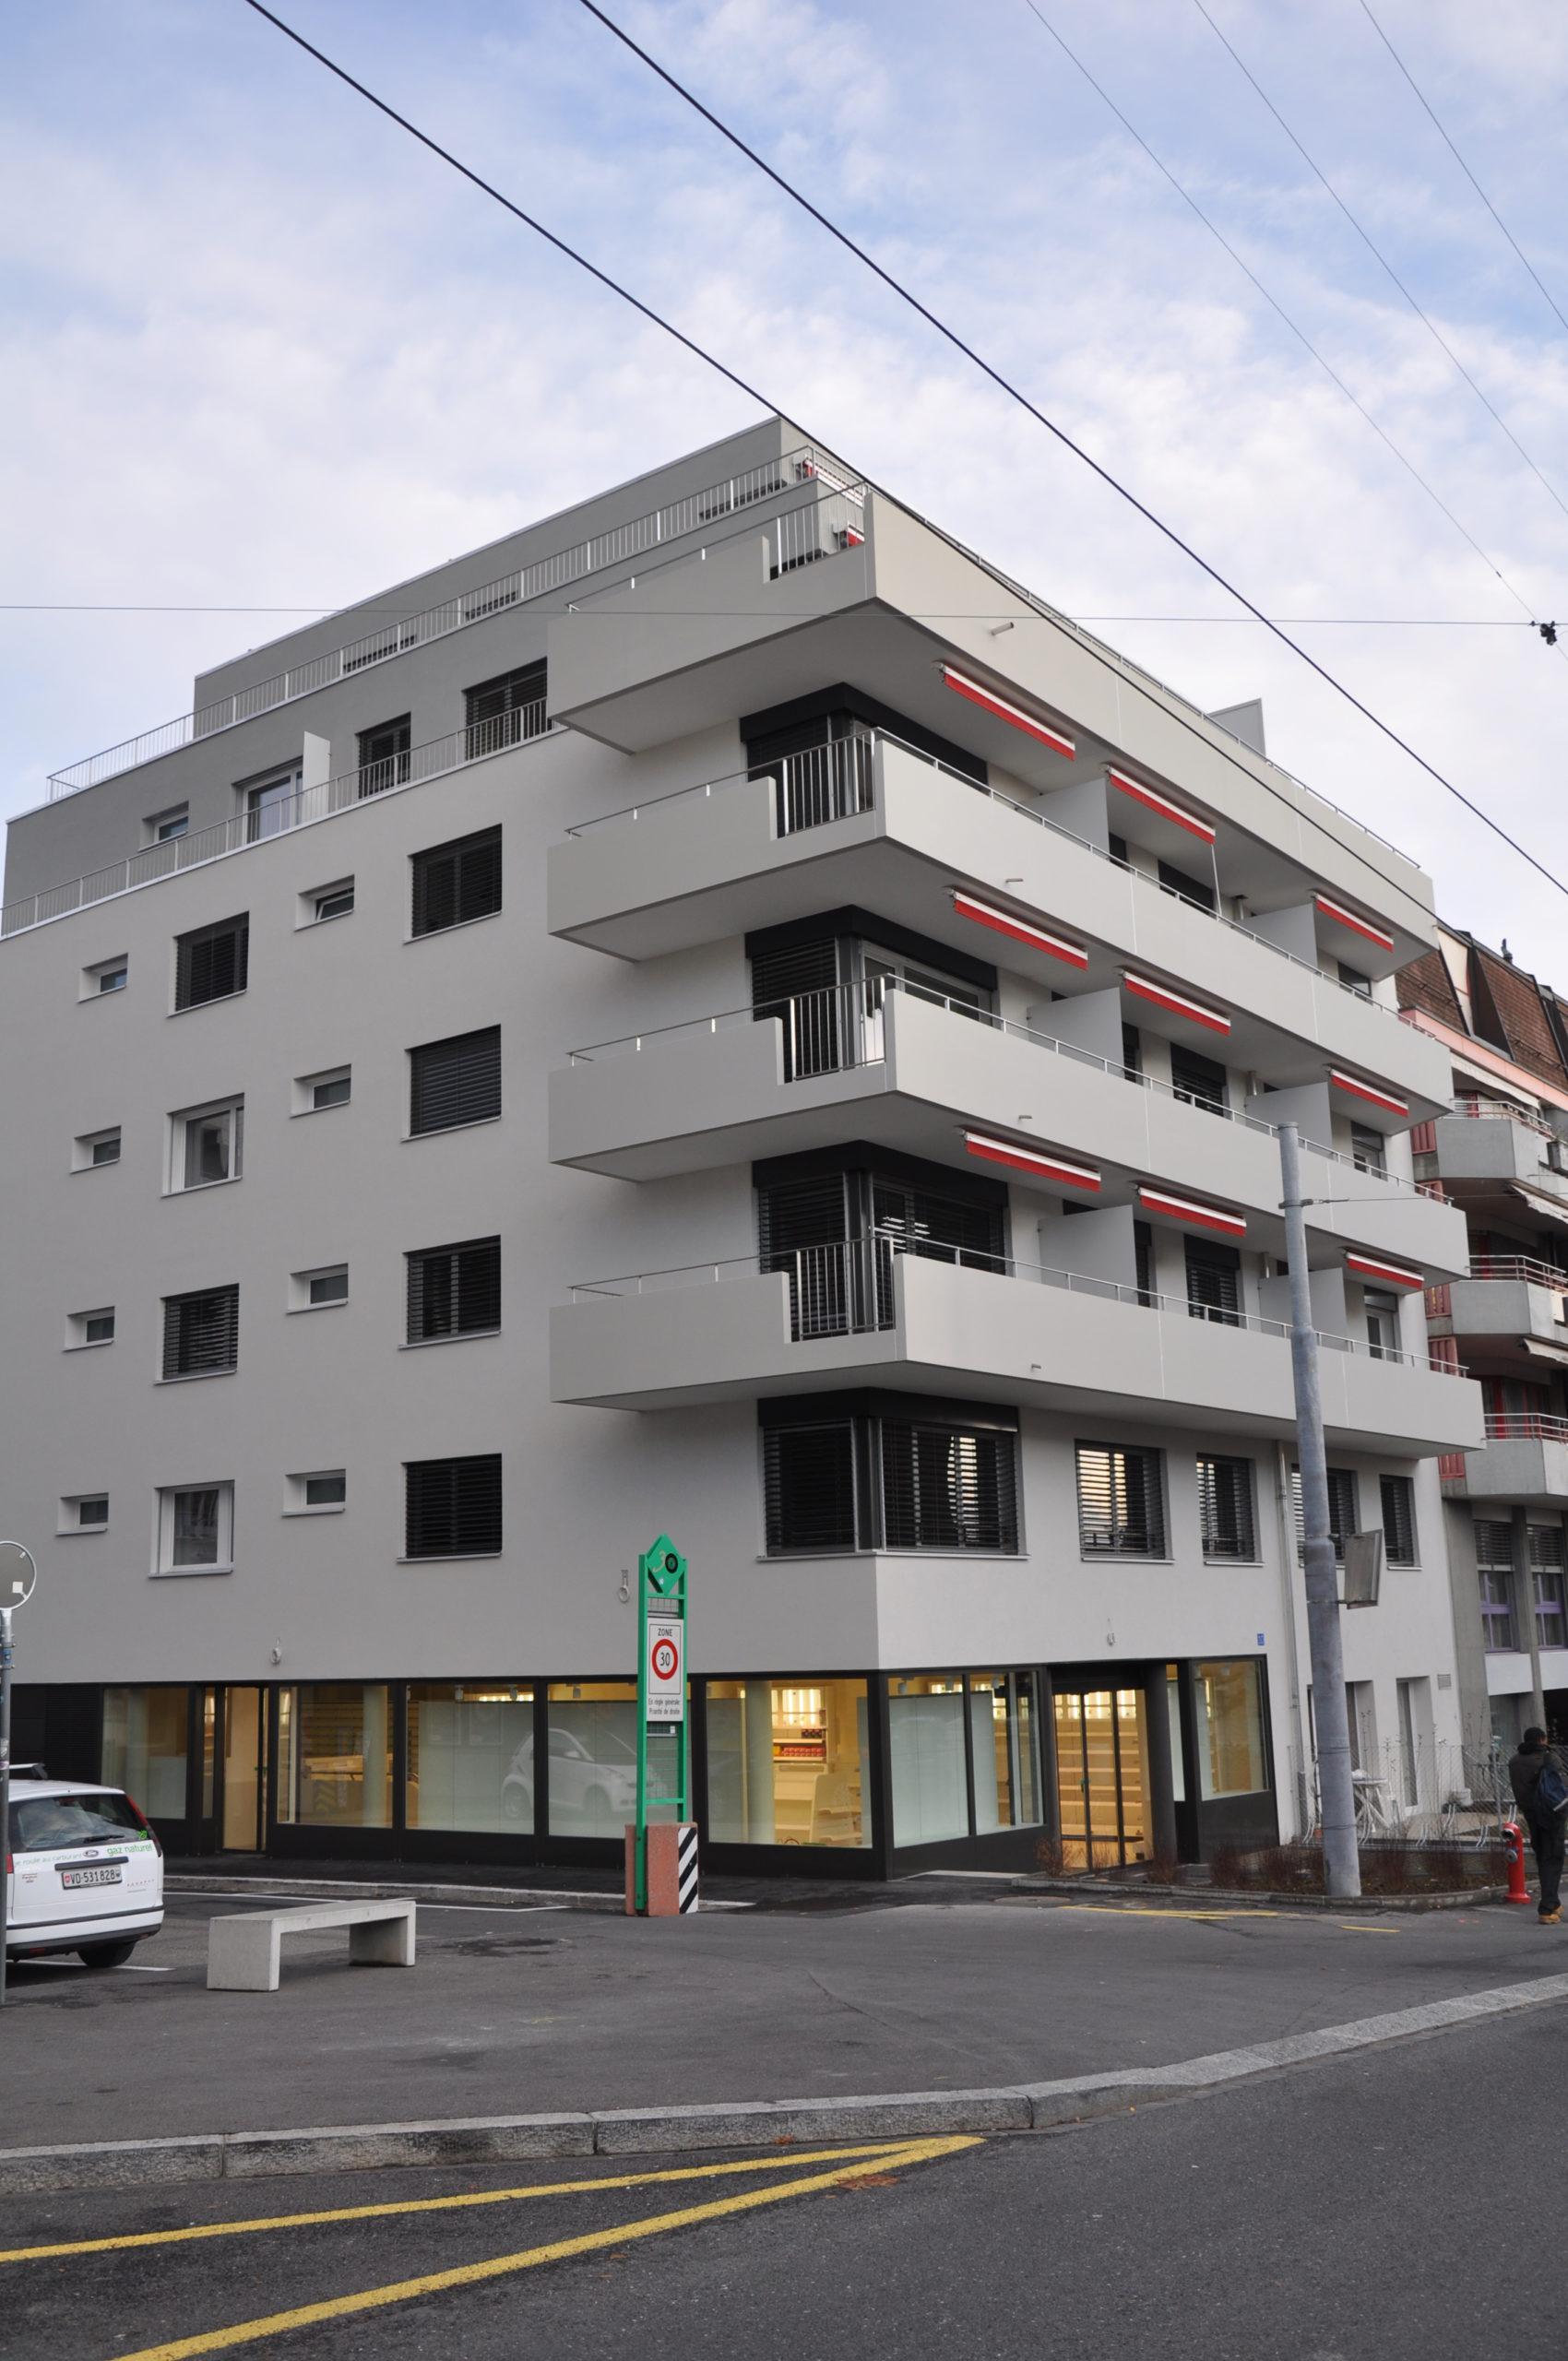 Rue de la Pontaise 10, Lausanne - 2,5 pièces - Lot 12 2